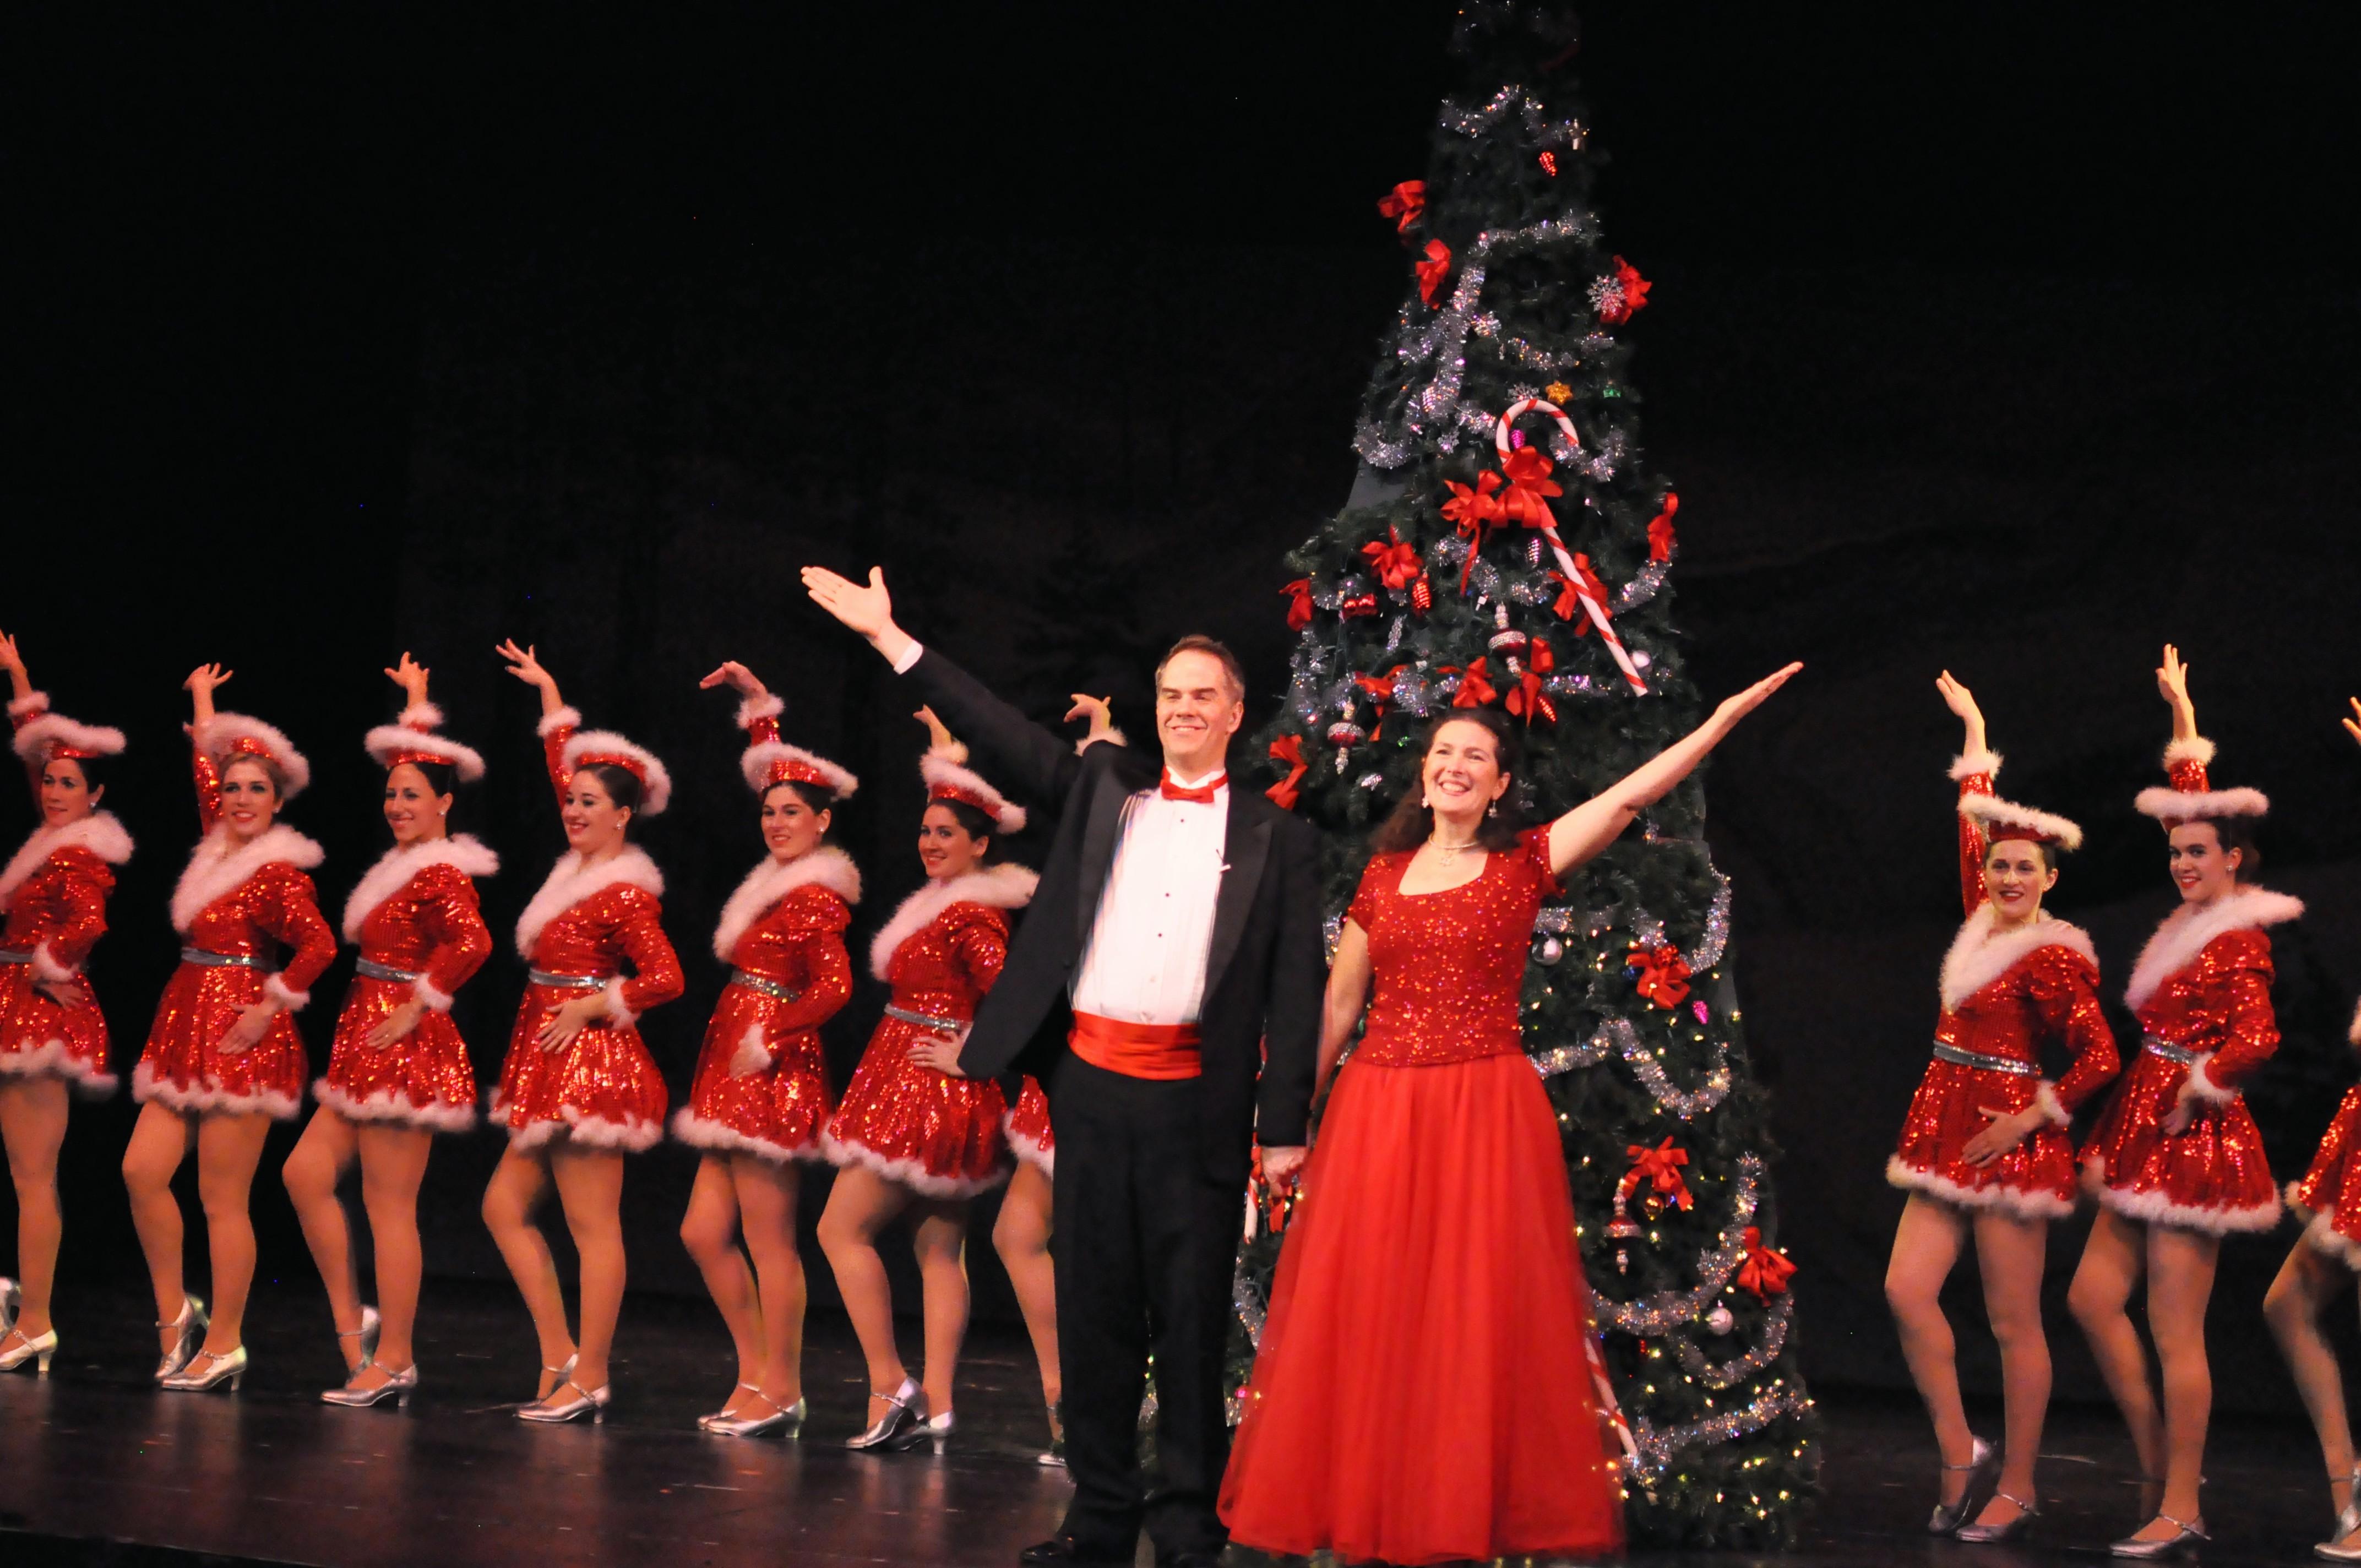 Christmas Time Photo 2